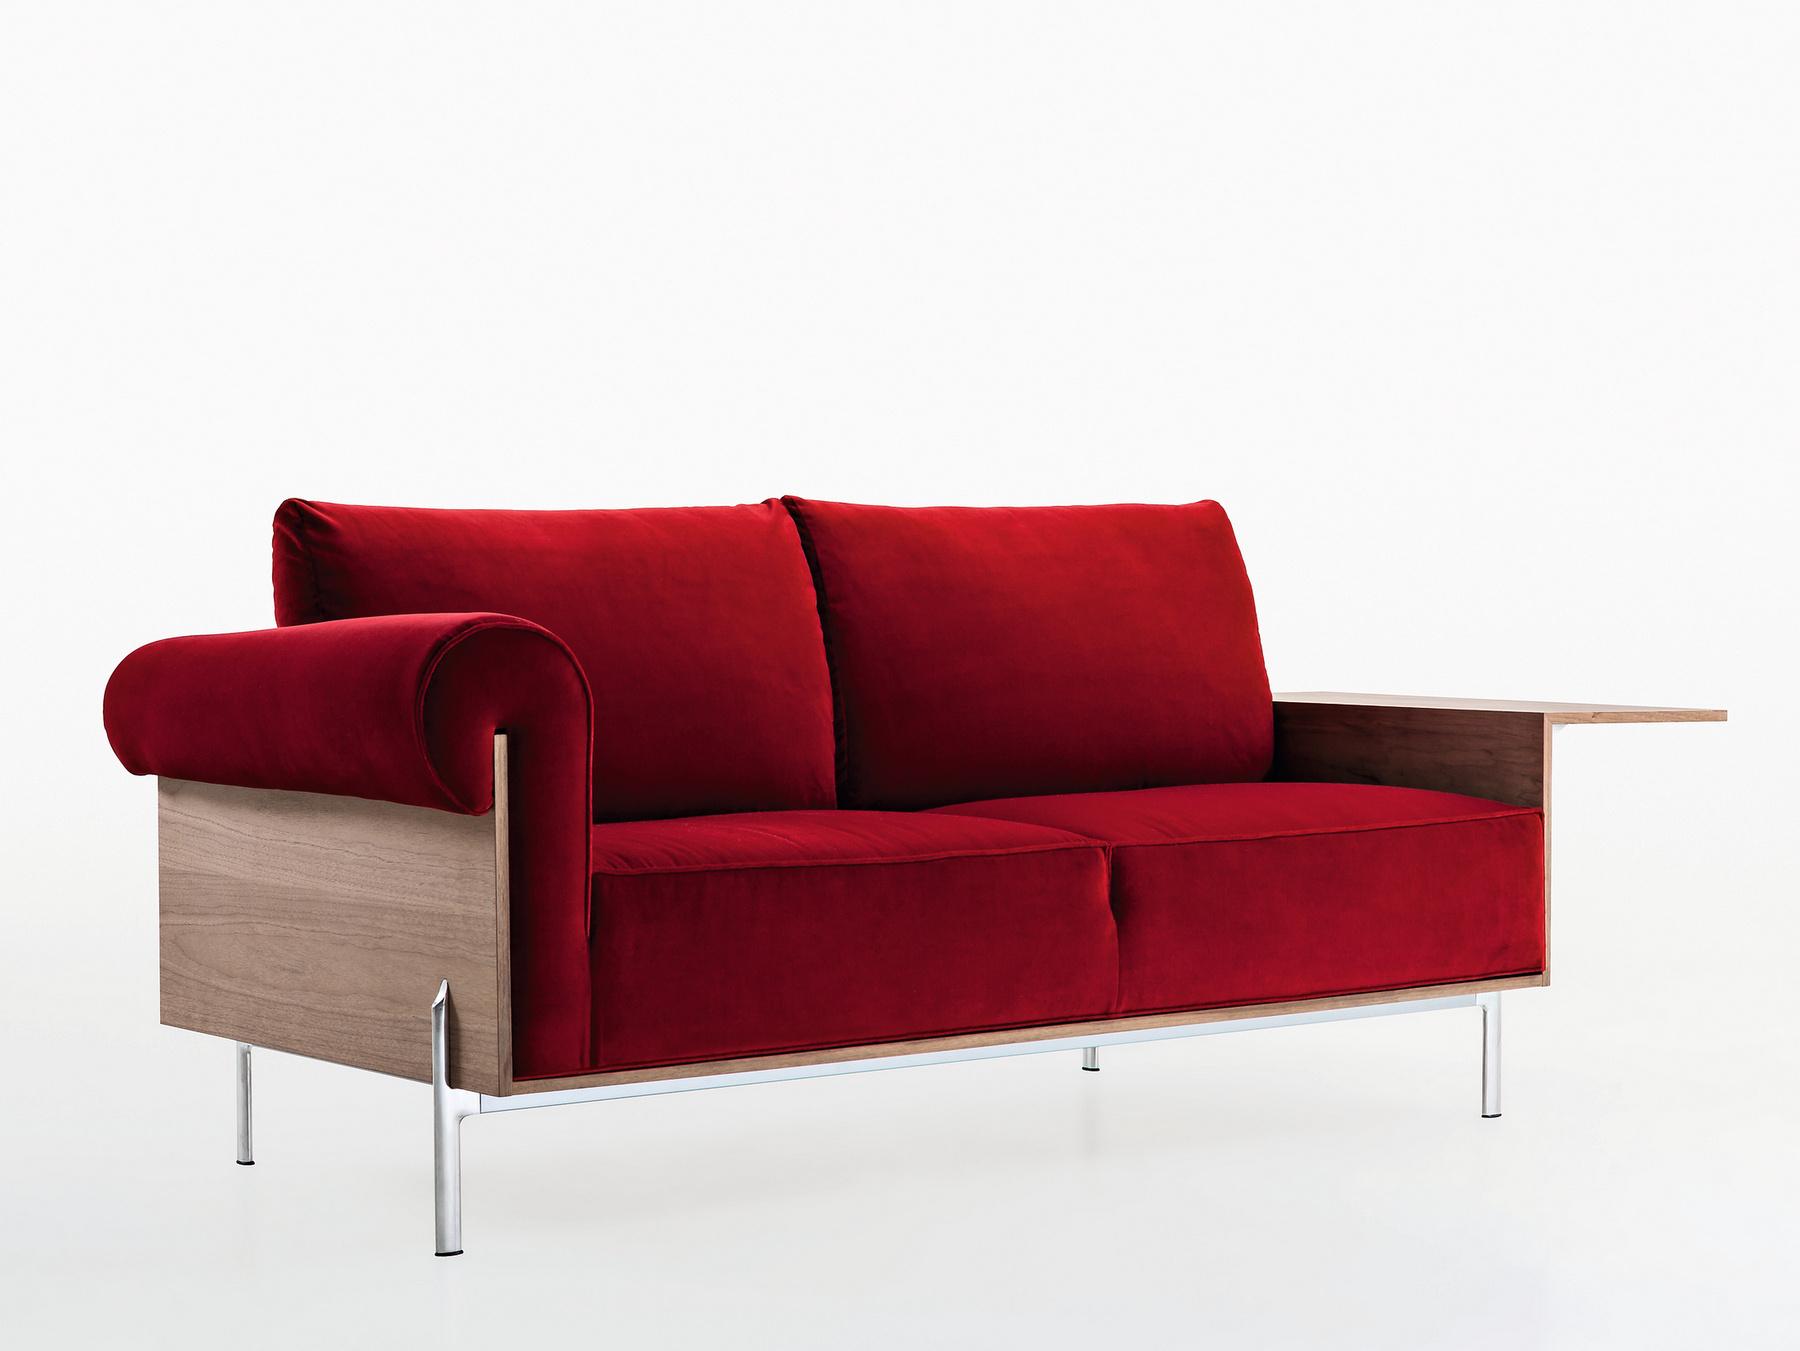 Controra Sofa by Ron Gilad for Molteni & C